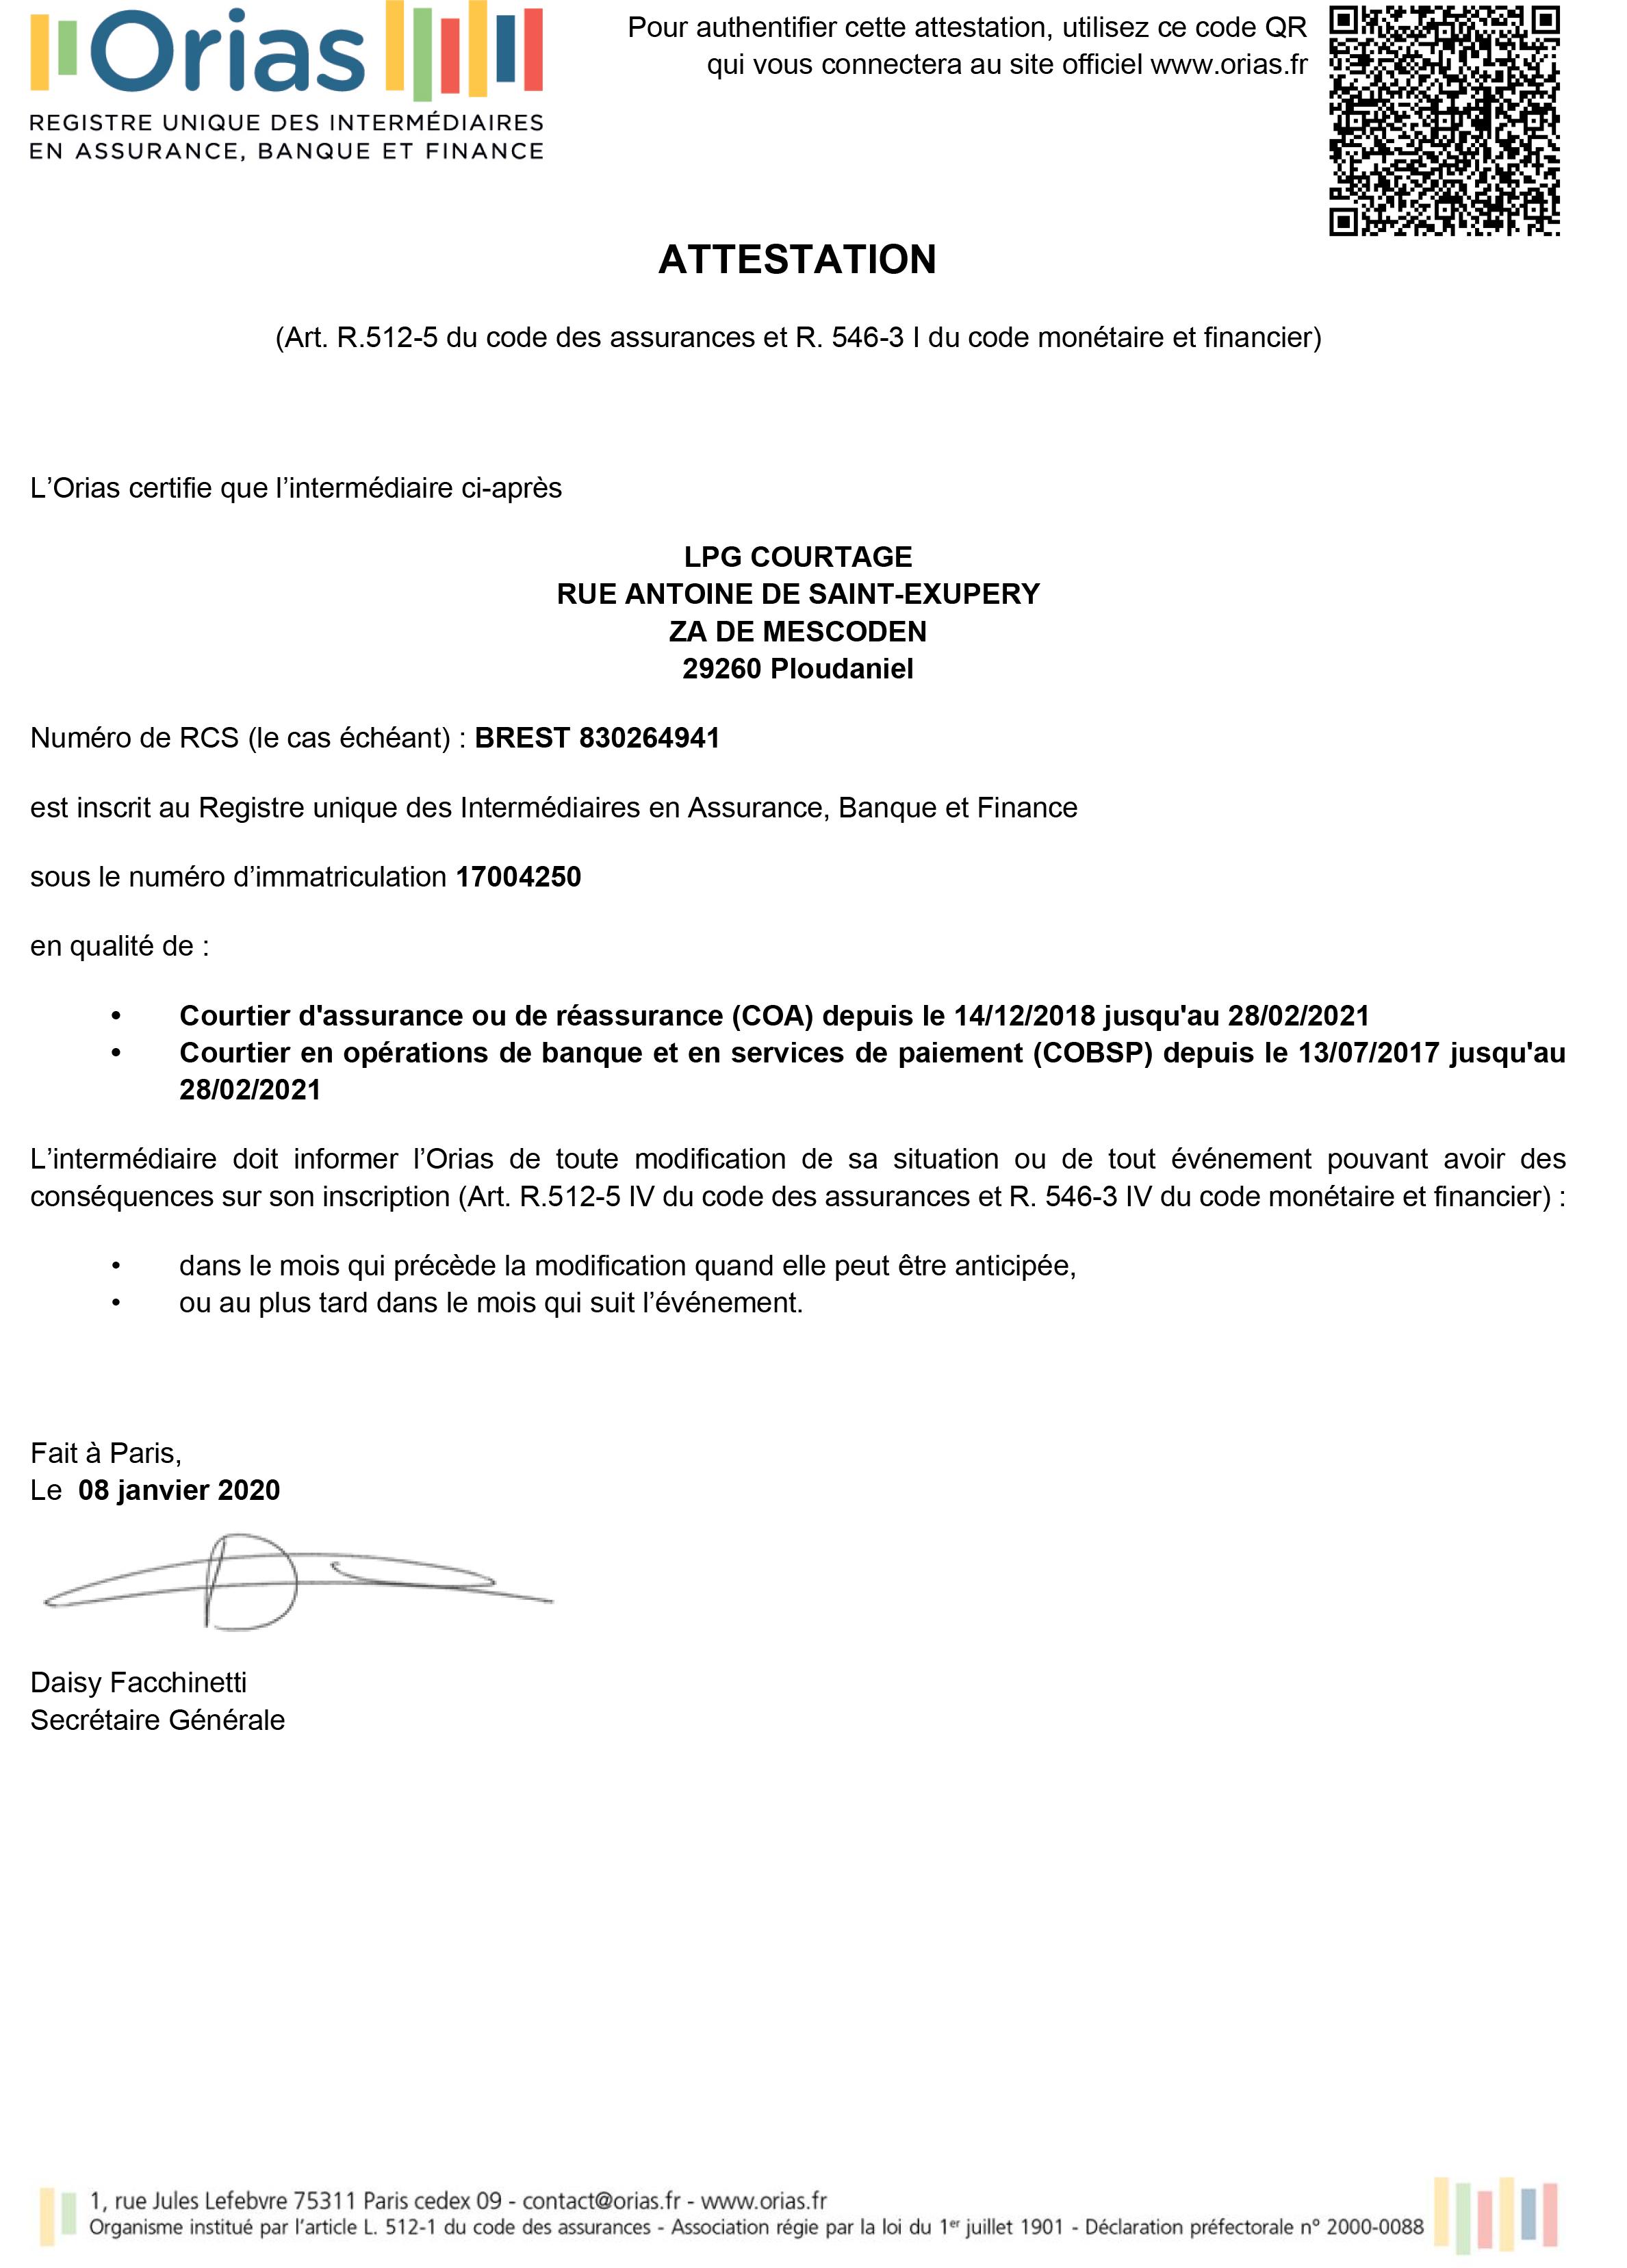 Attestation ORIAS LPG COURTAGE - Finistère